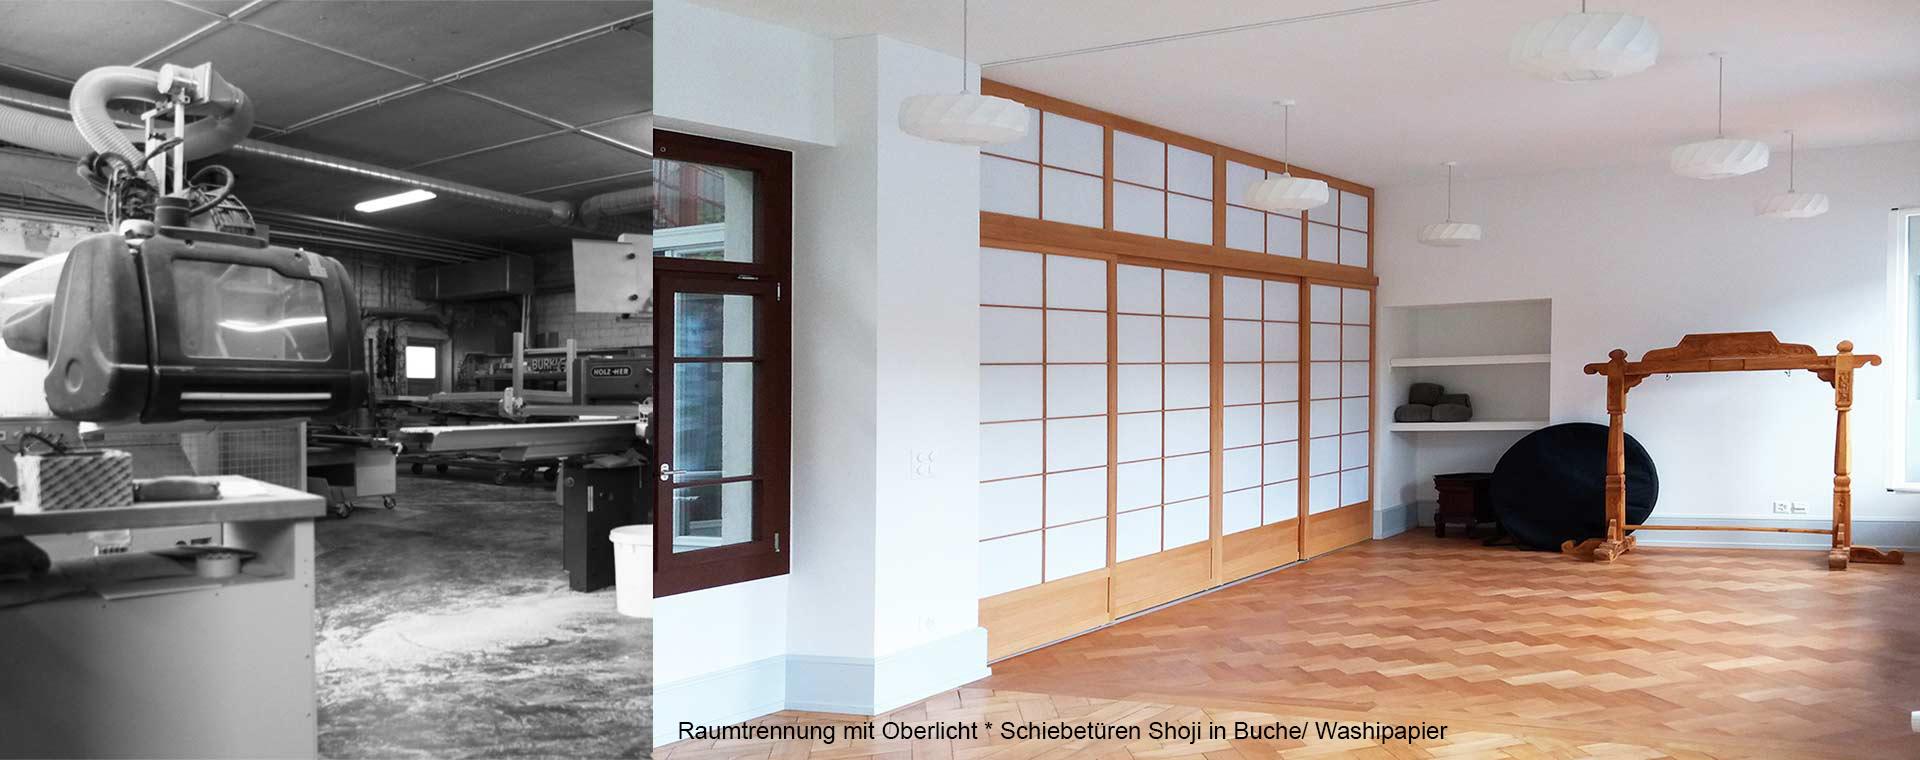 Shoji Raumtrennung in Buche von Holzrwum in Freiburg